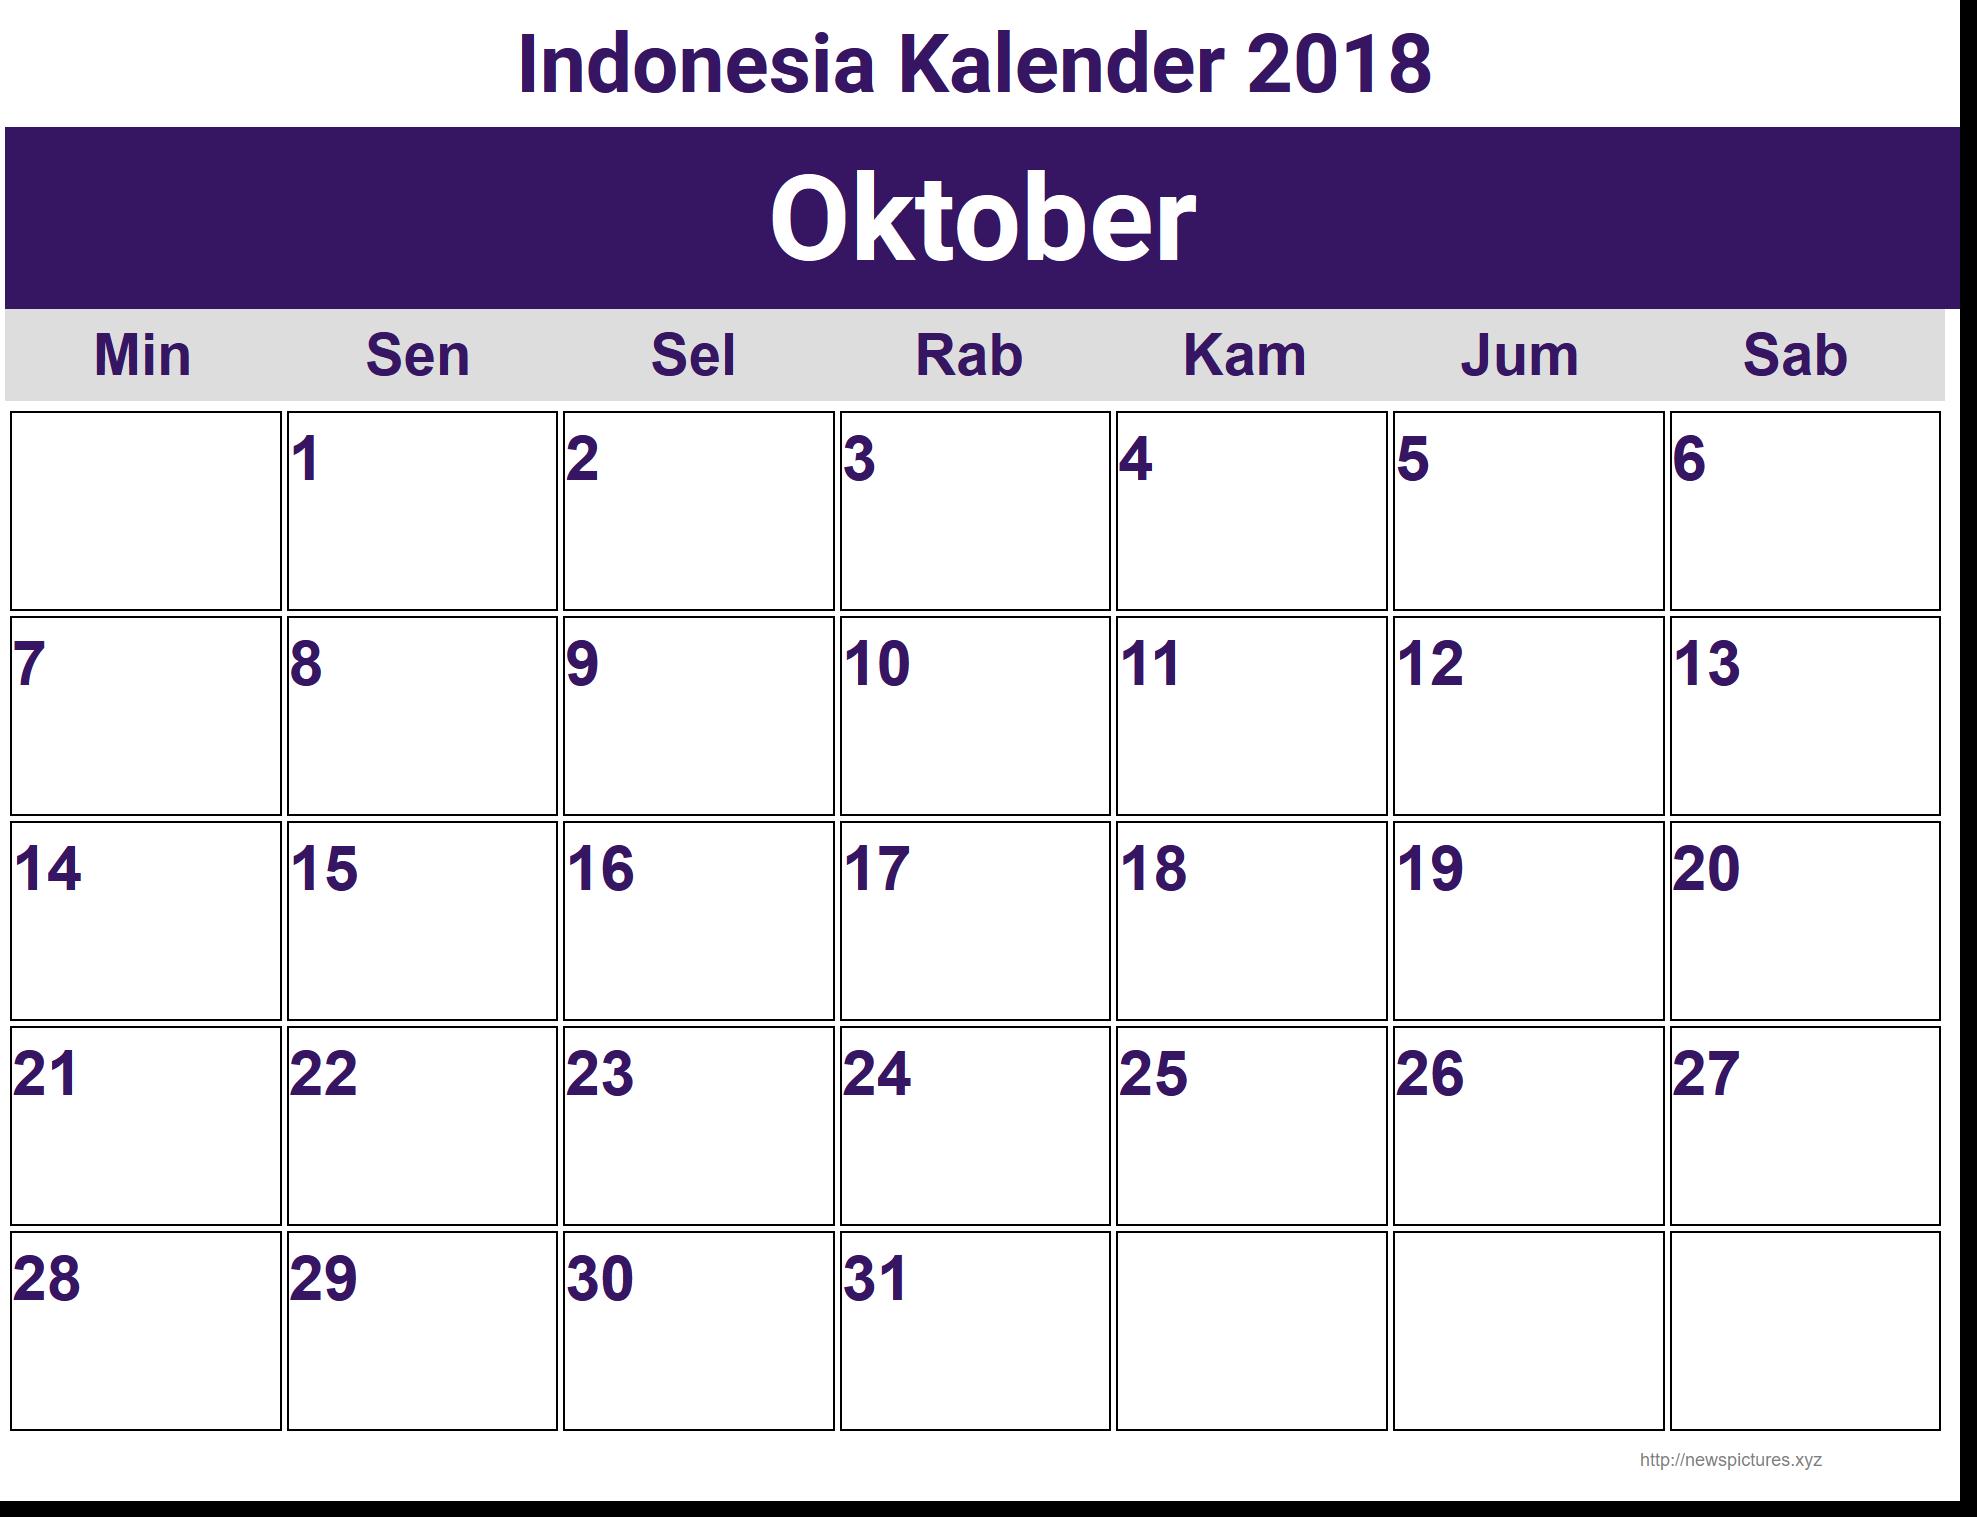 Bekend Image for Oktober Indonesia Kalender 2018 | kalender | Pinterest  IQ-09